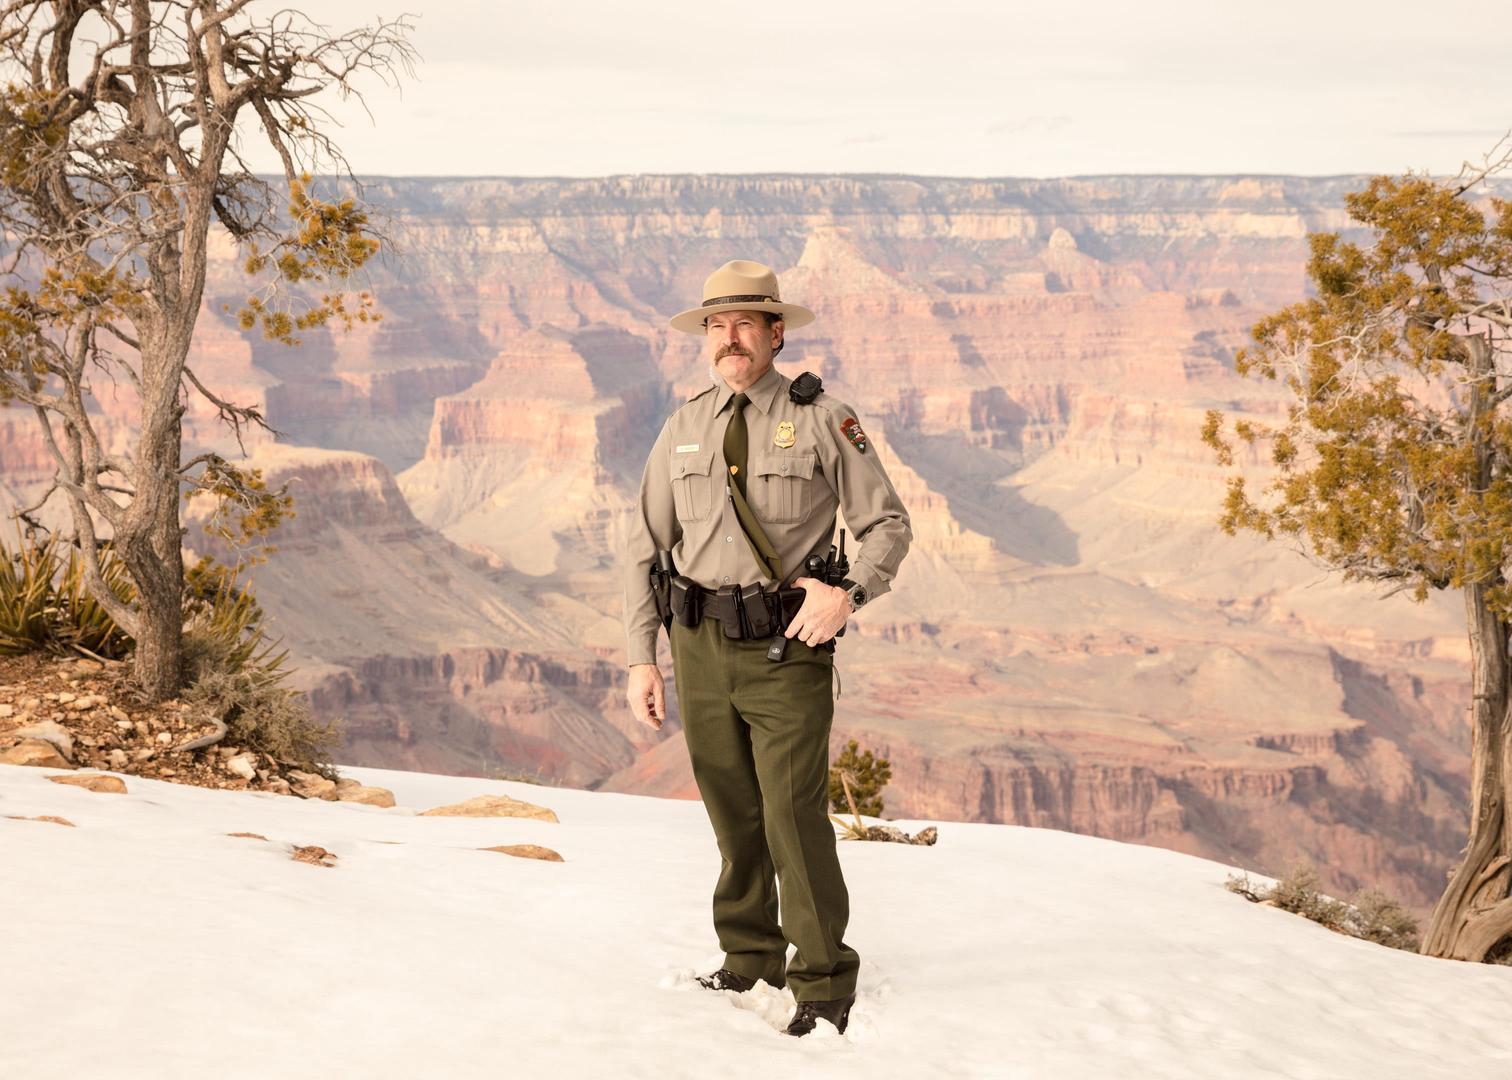 <p><strong>2.<em> </em></strong><em>Time: Grand Canyon 100th Anniversary</em> </p>